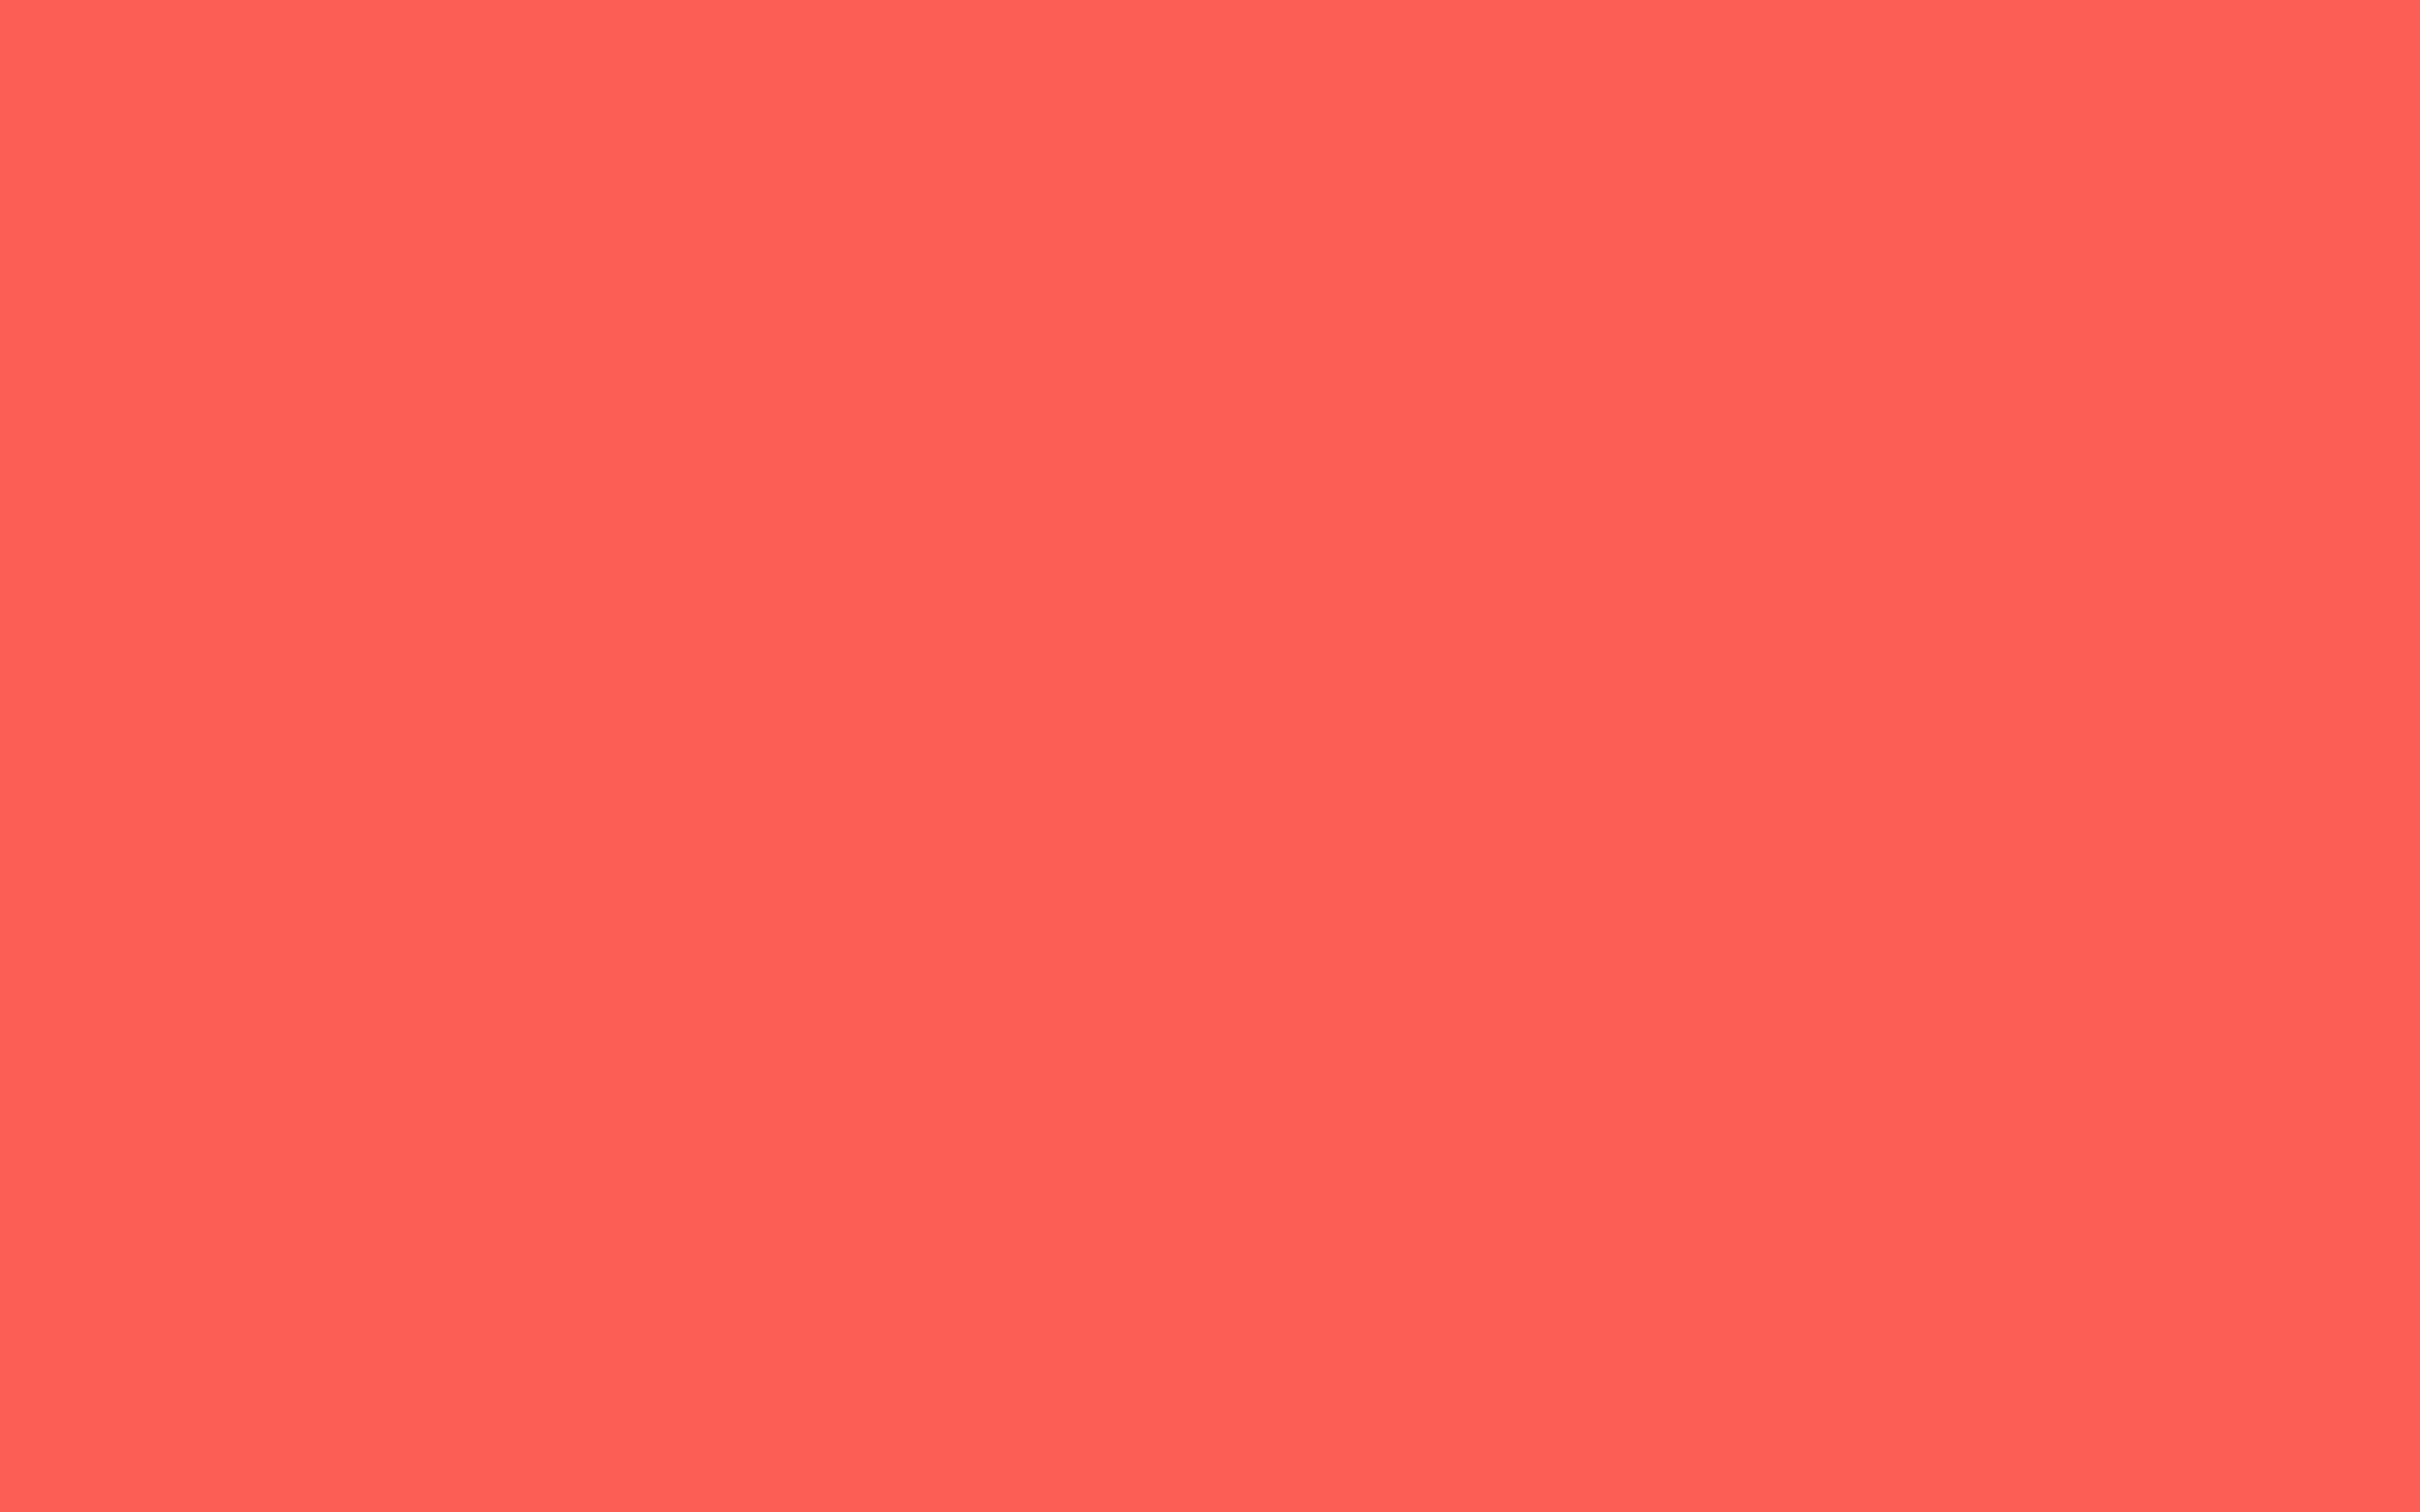 sunset orange solid color background